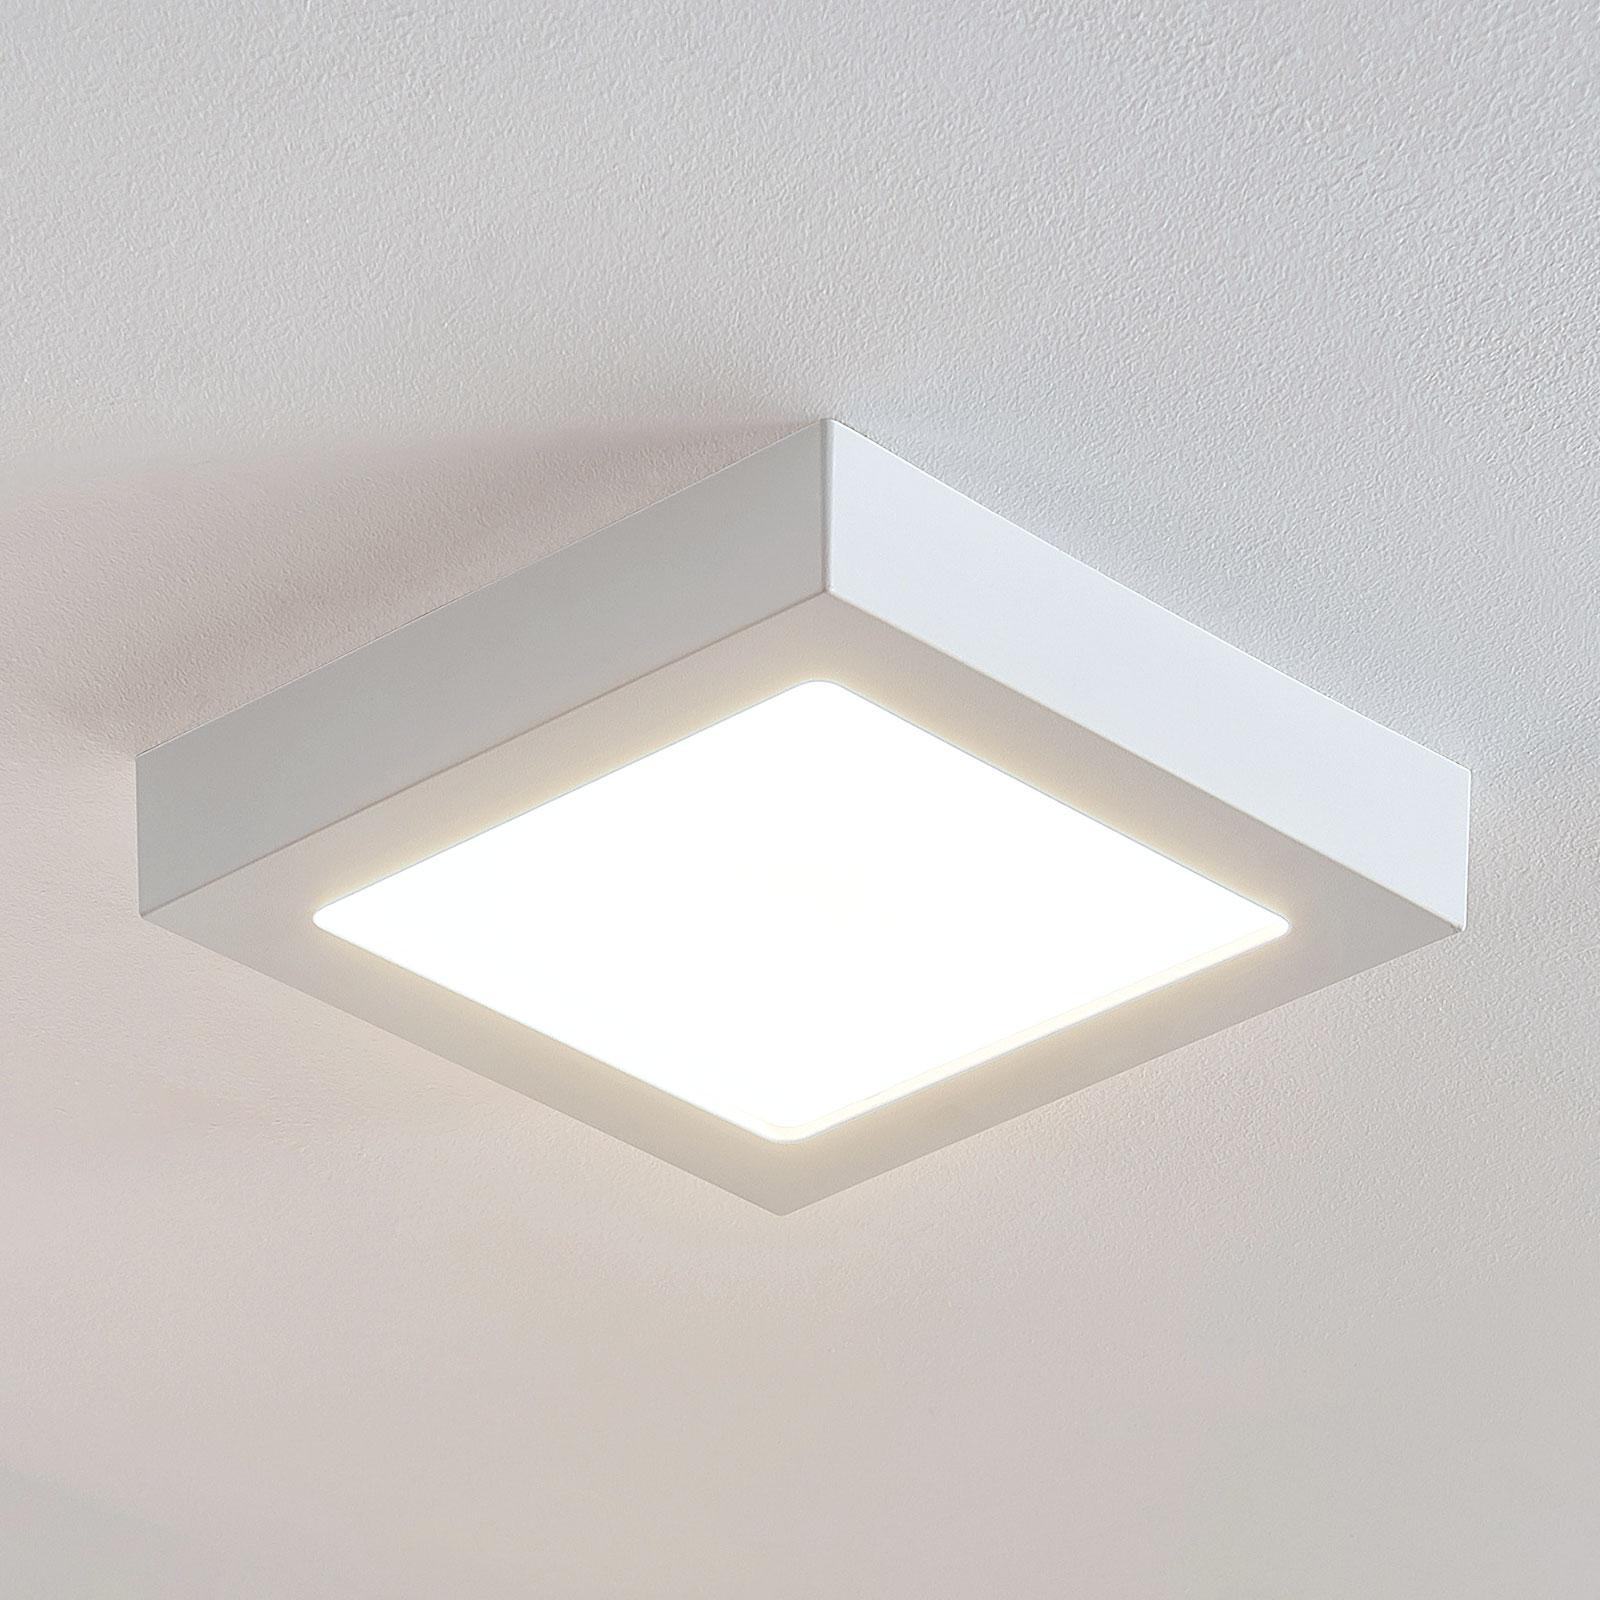 Plafón LED Marlo blanco 3.000 K angular 23,1cm